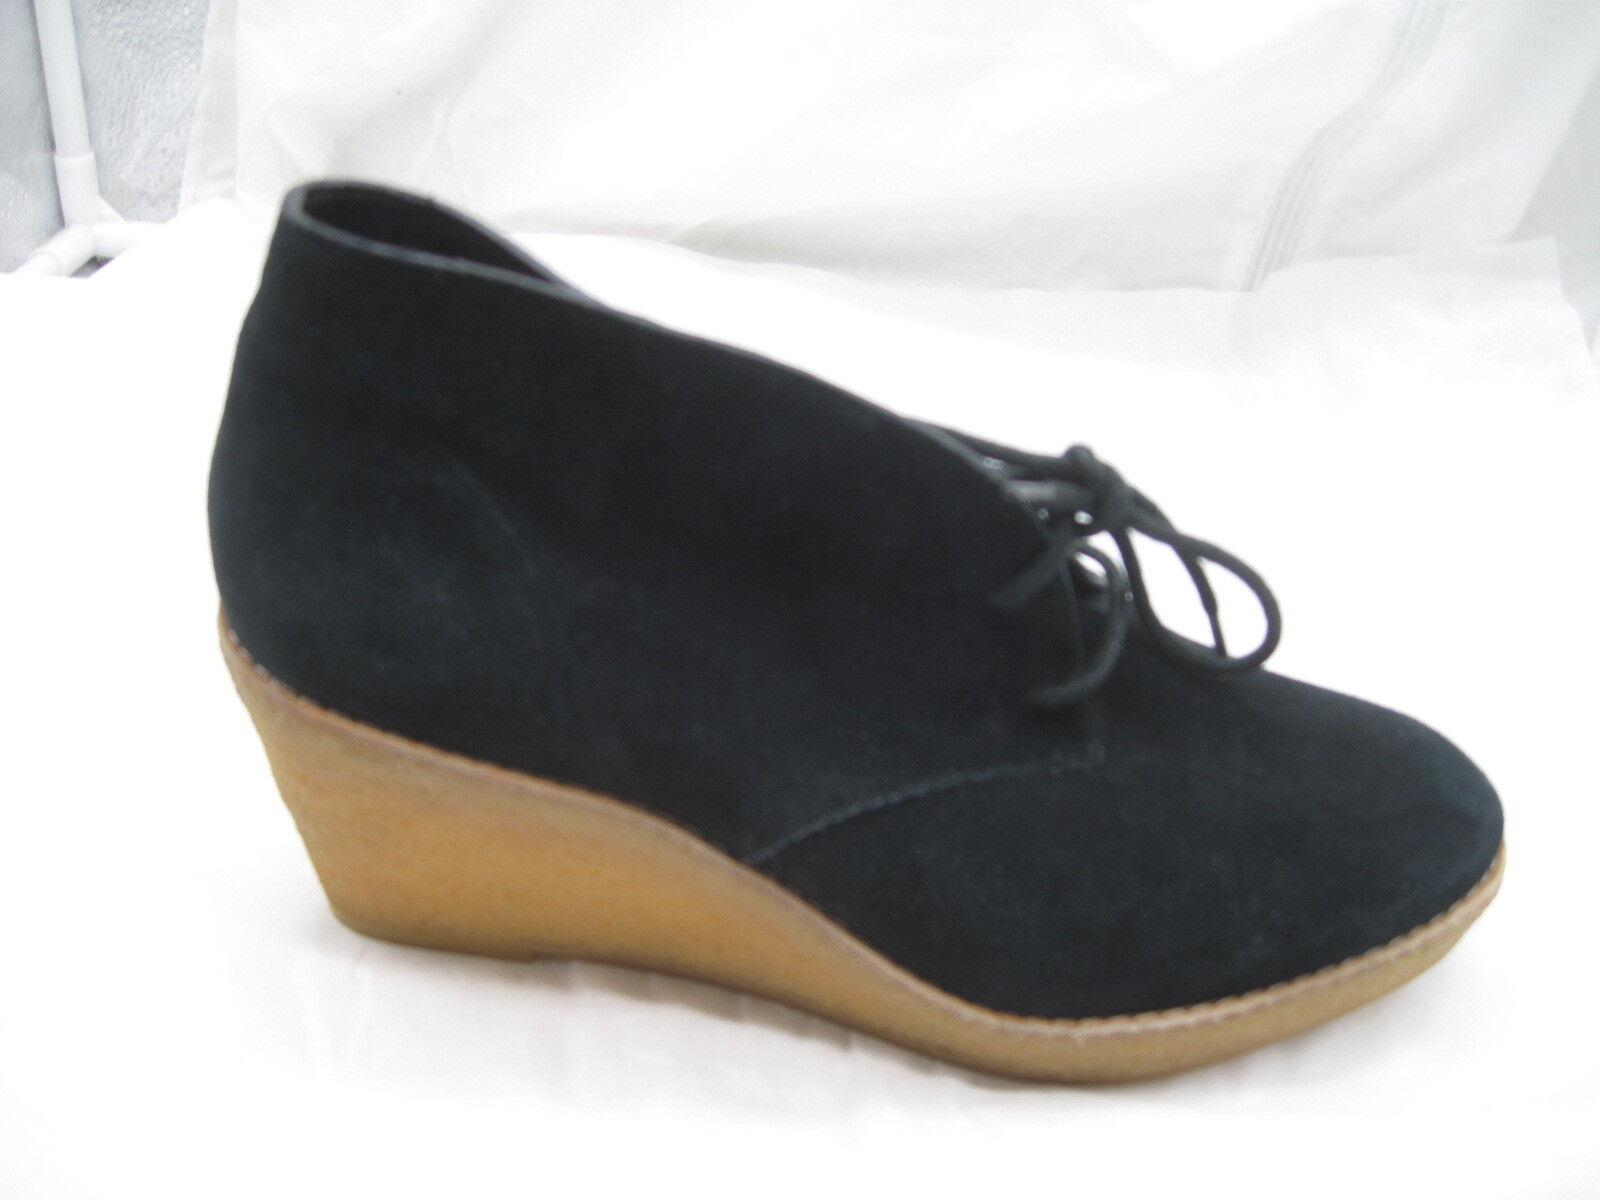 Cole Haan 9B en Daim Noir Compensé Bottillons bottes bottines femmes chaussures D409985